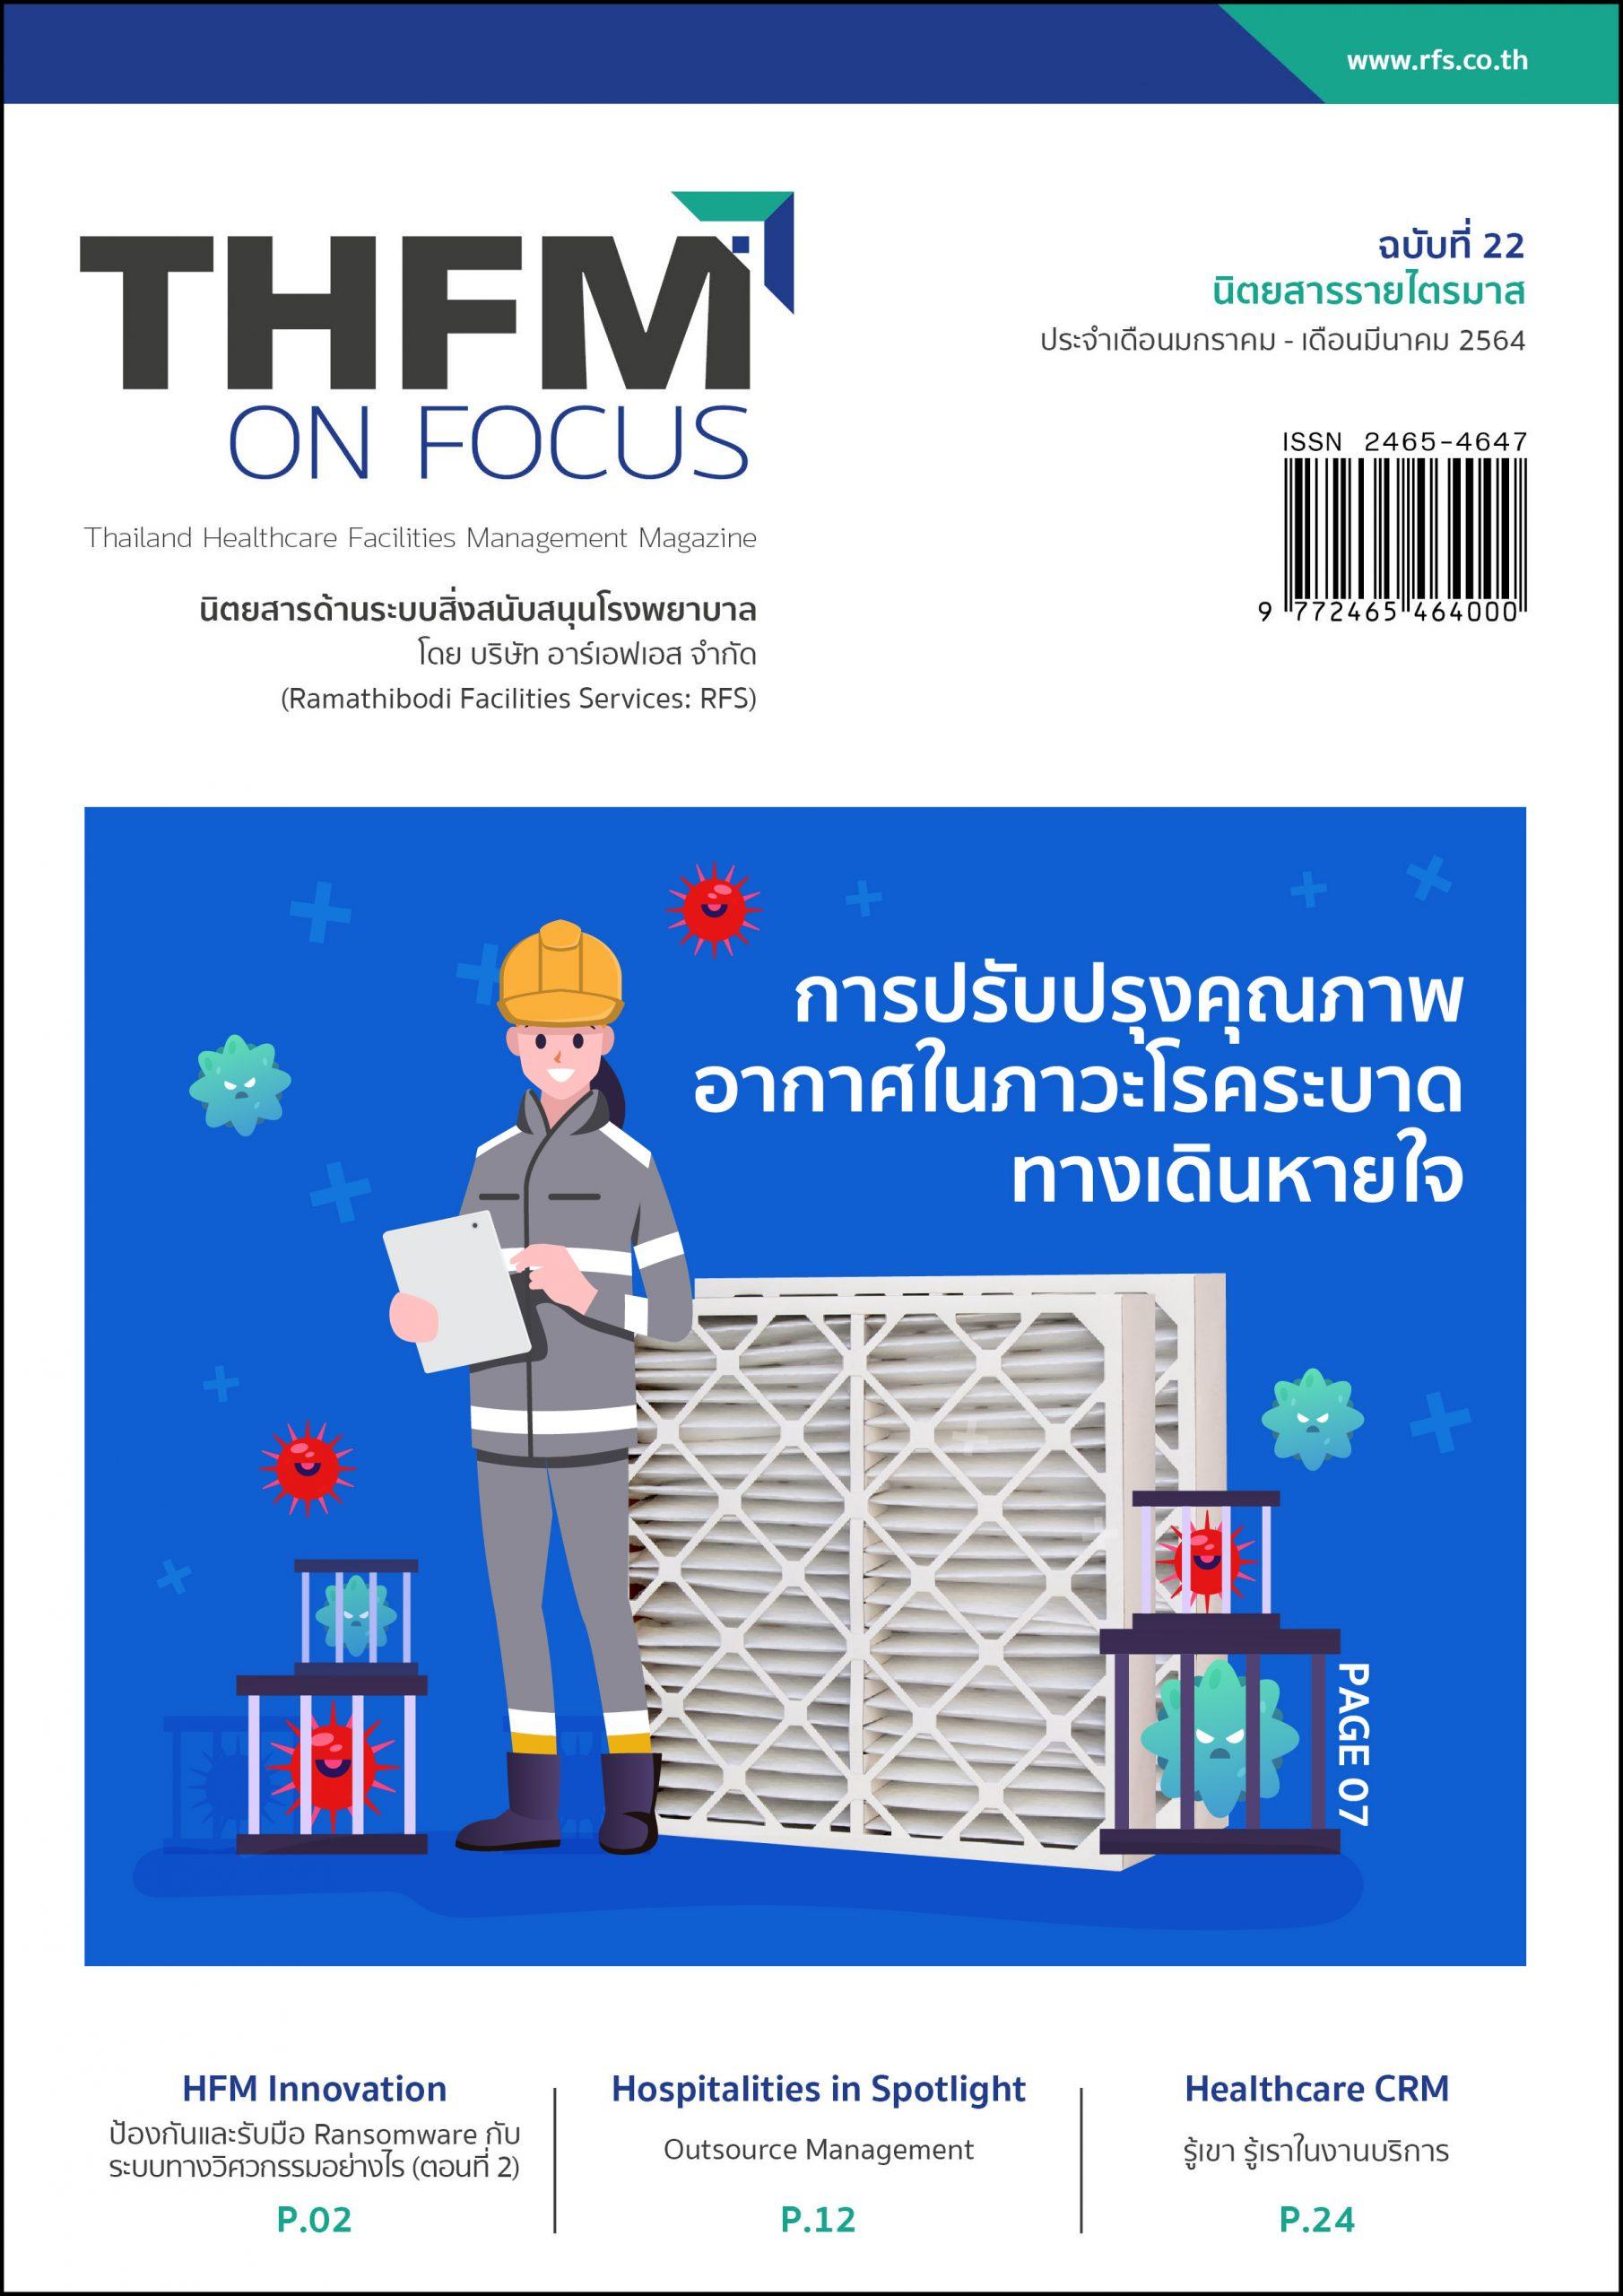 นิตยสารระบบสิ่งสนับสนุนรพ. ฉบับที่ 22